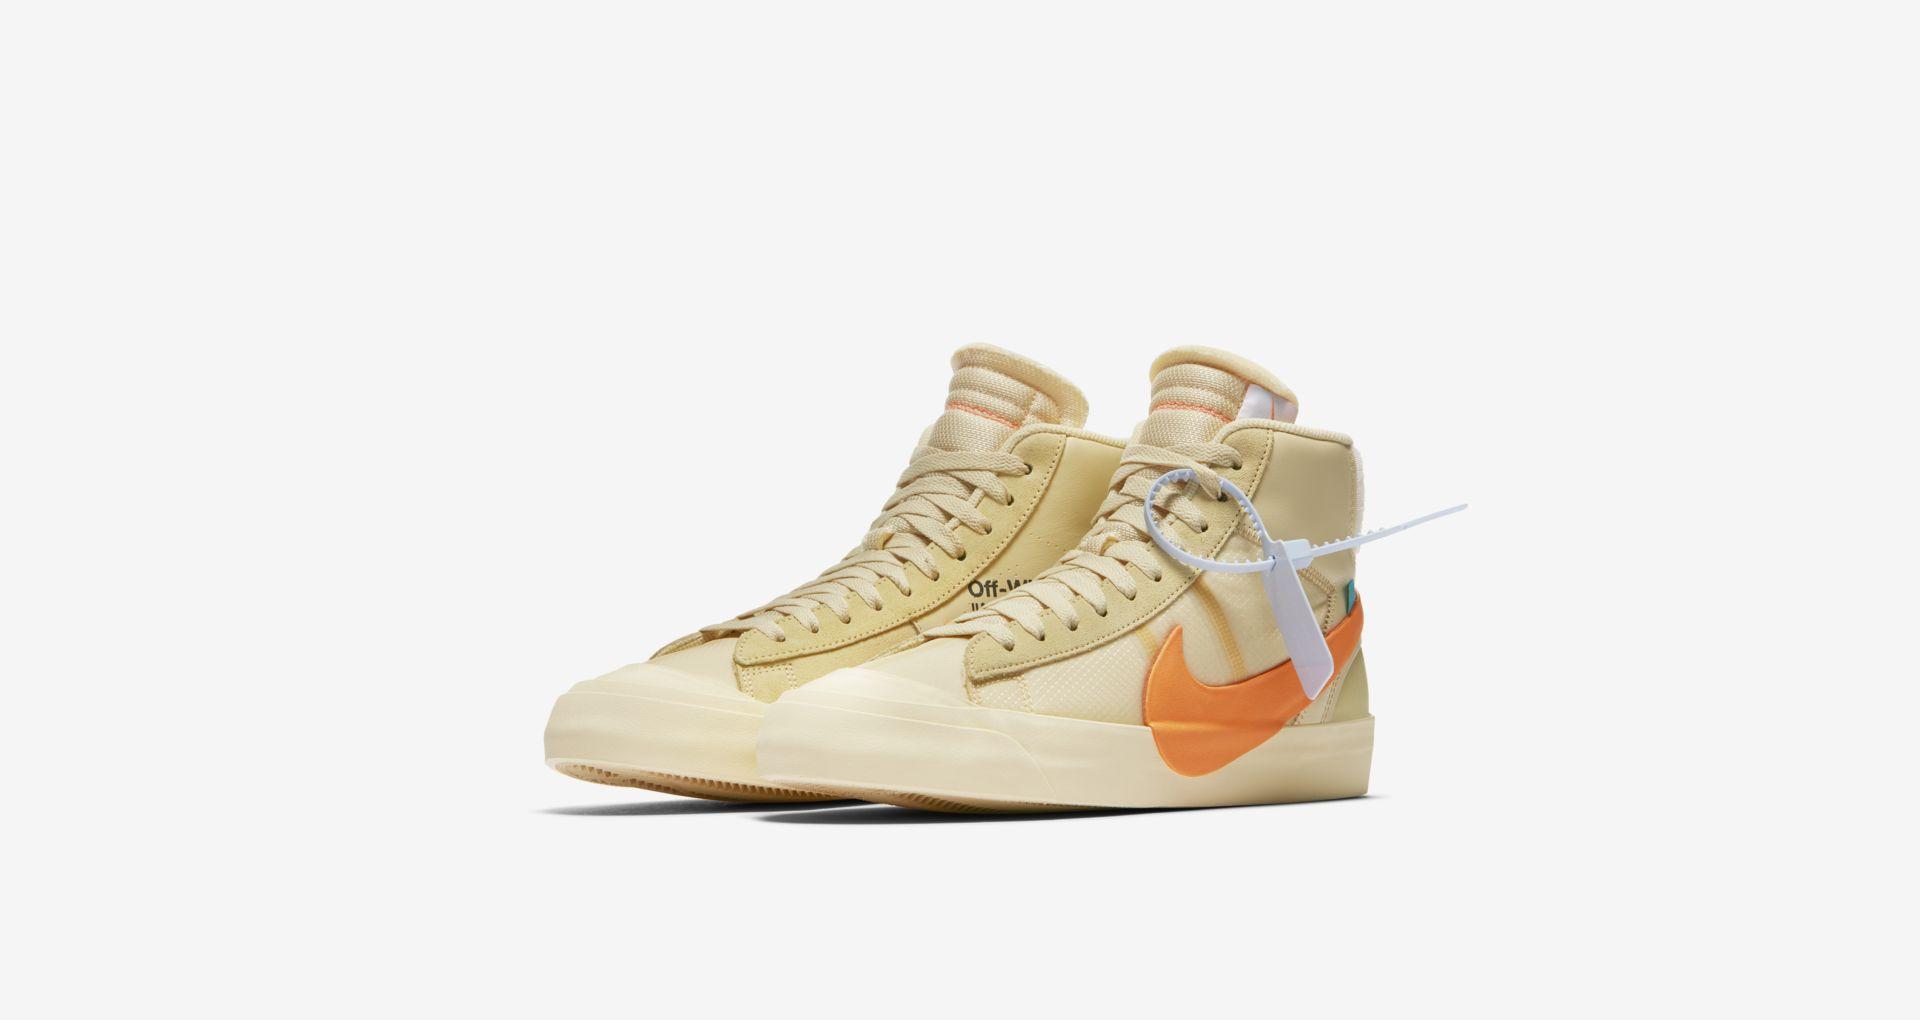 AA3832 700 Off White x Nike Blazer Mid Orange 1